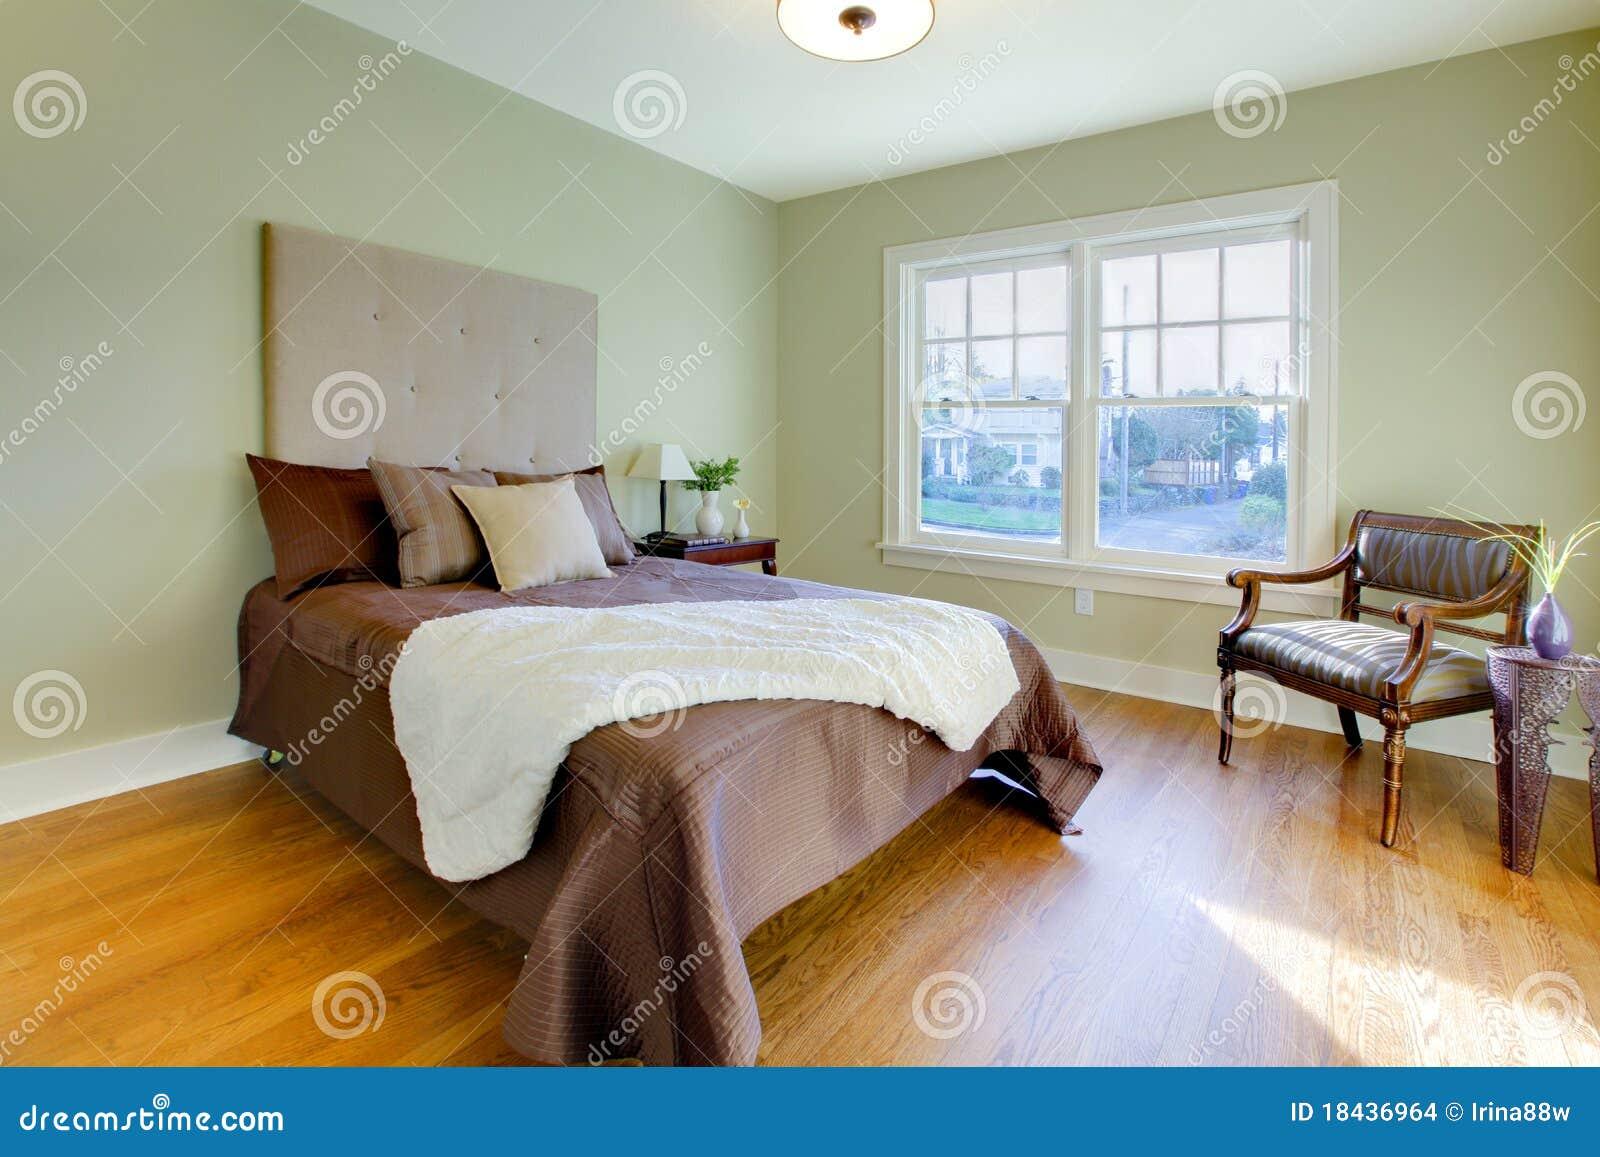 Frisches Grünes Schlafzimmer Mit Modernem Braunem Bett Stockfoto ...